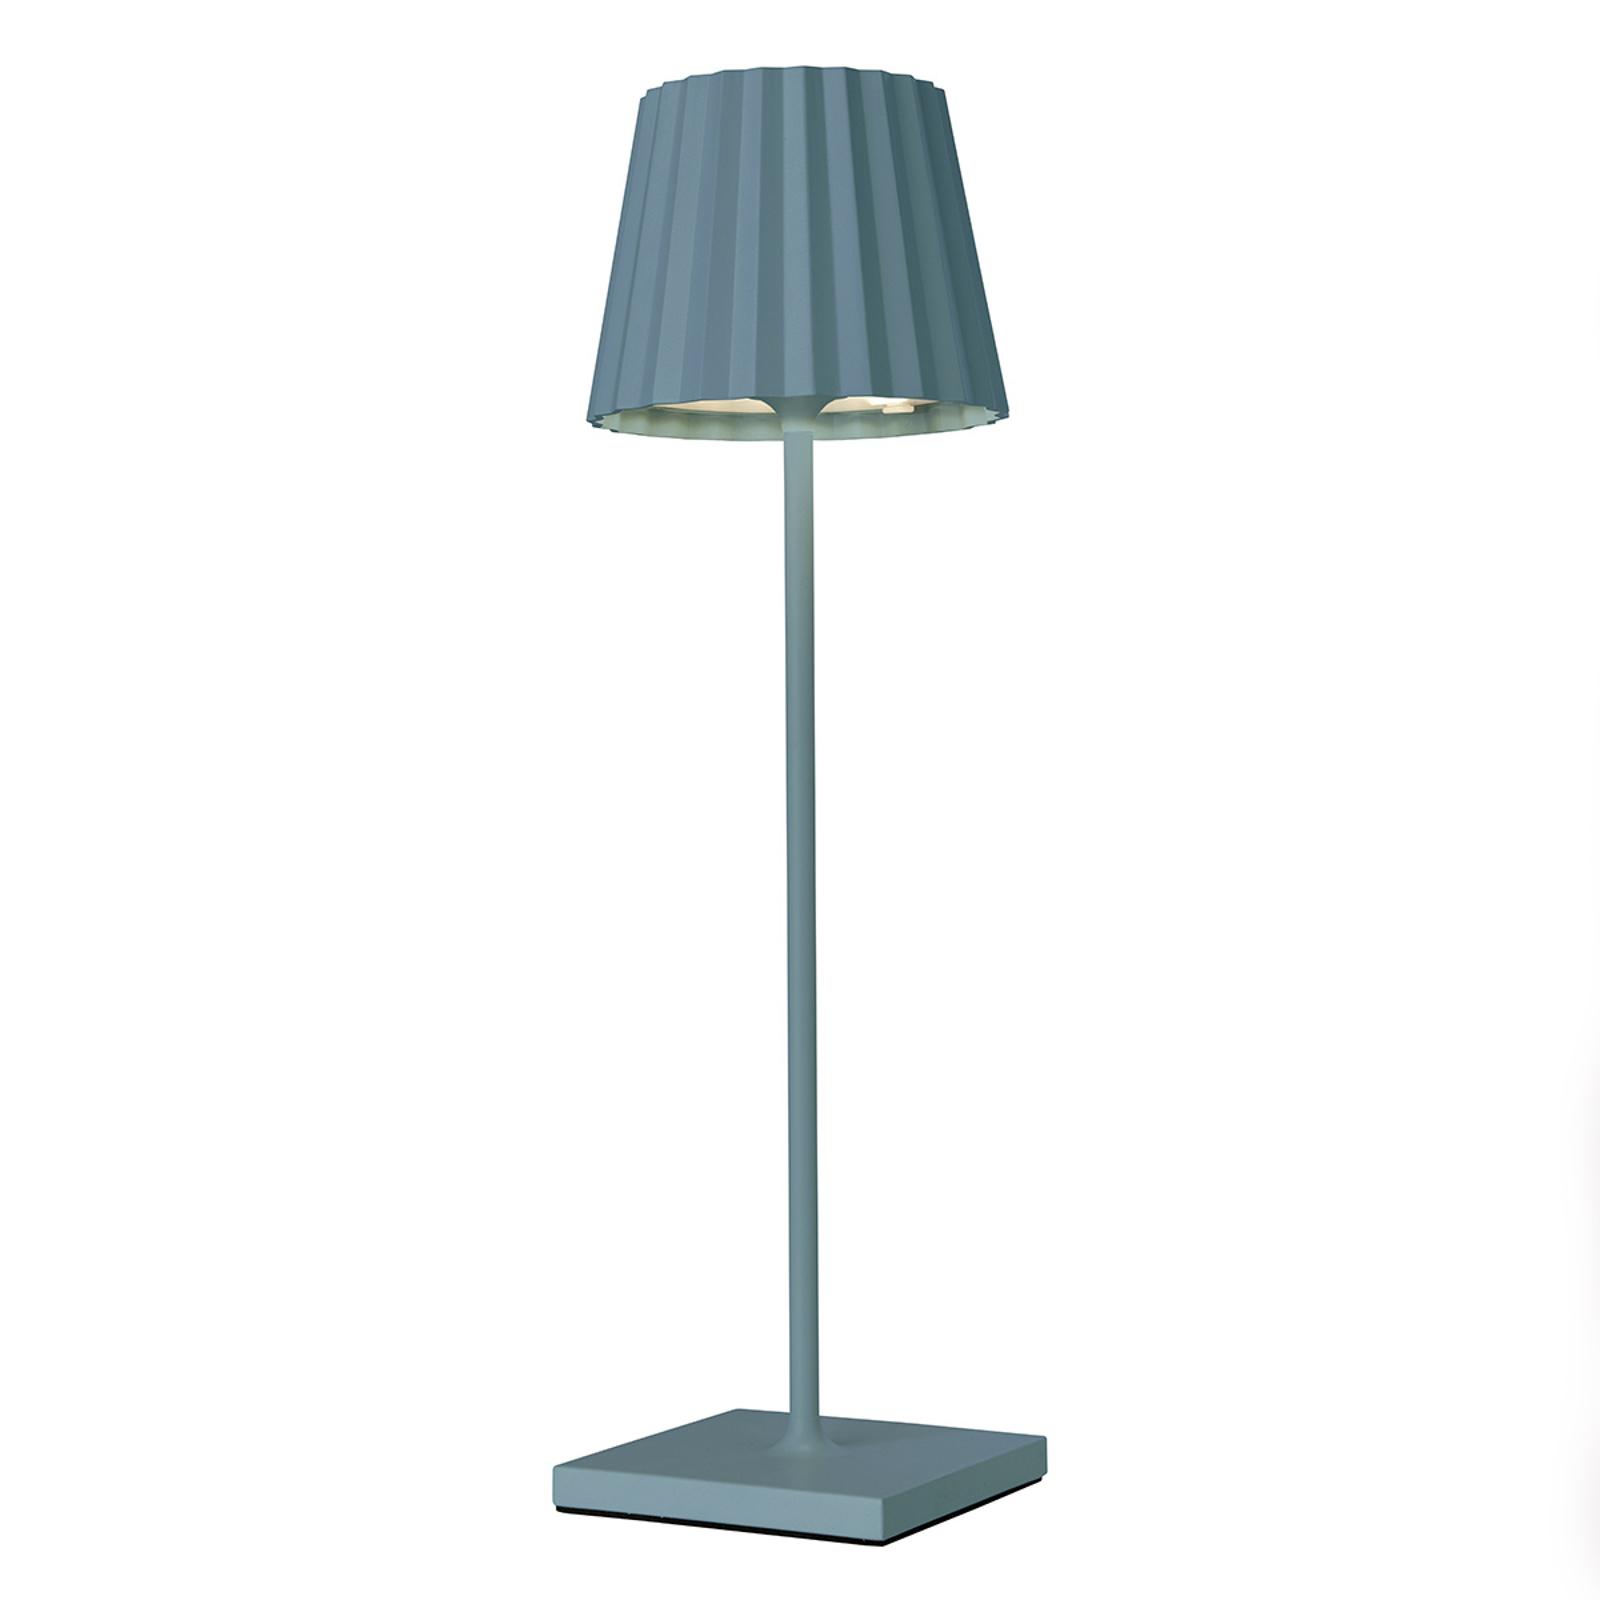 LED-Tischleuchte Troll 2.0 für außen, blau